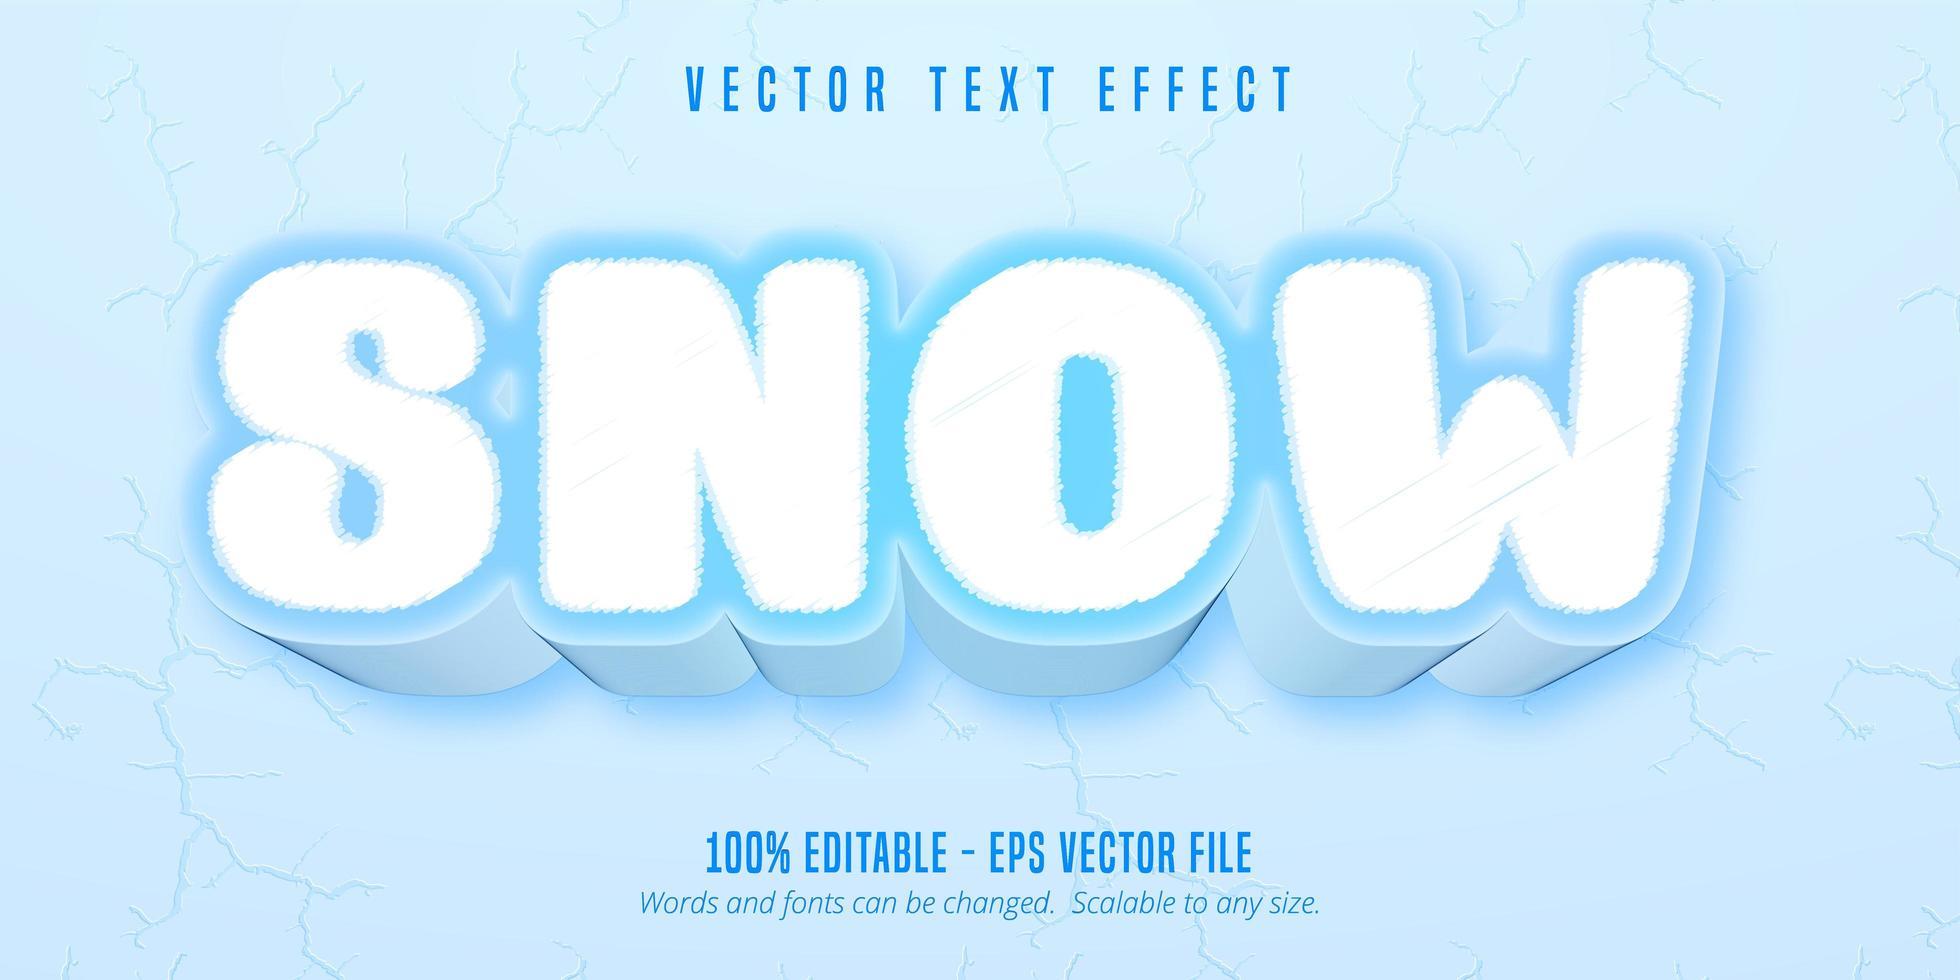 efeito de texto editável de estilo de jogo de desenho animado de neve vetor